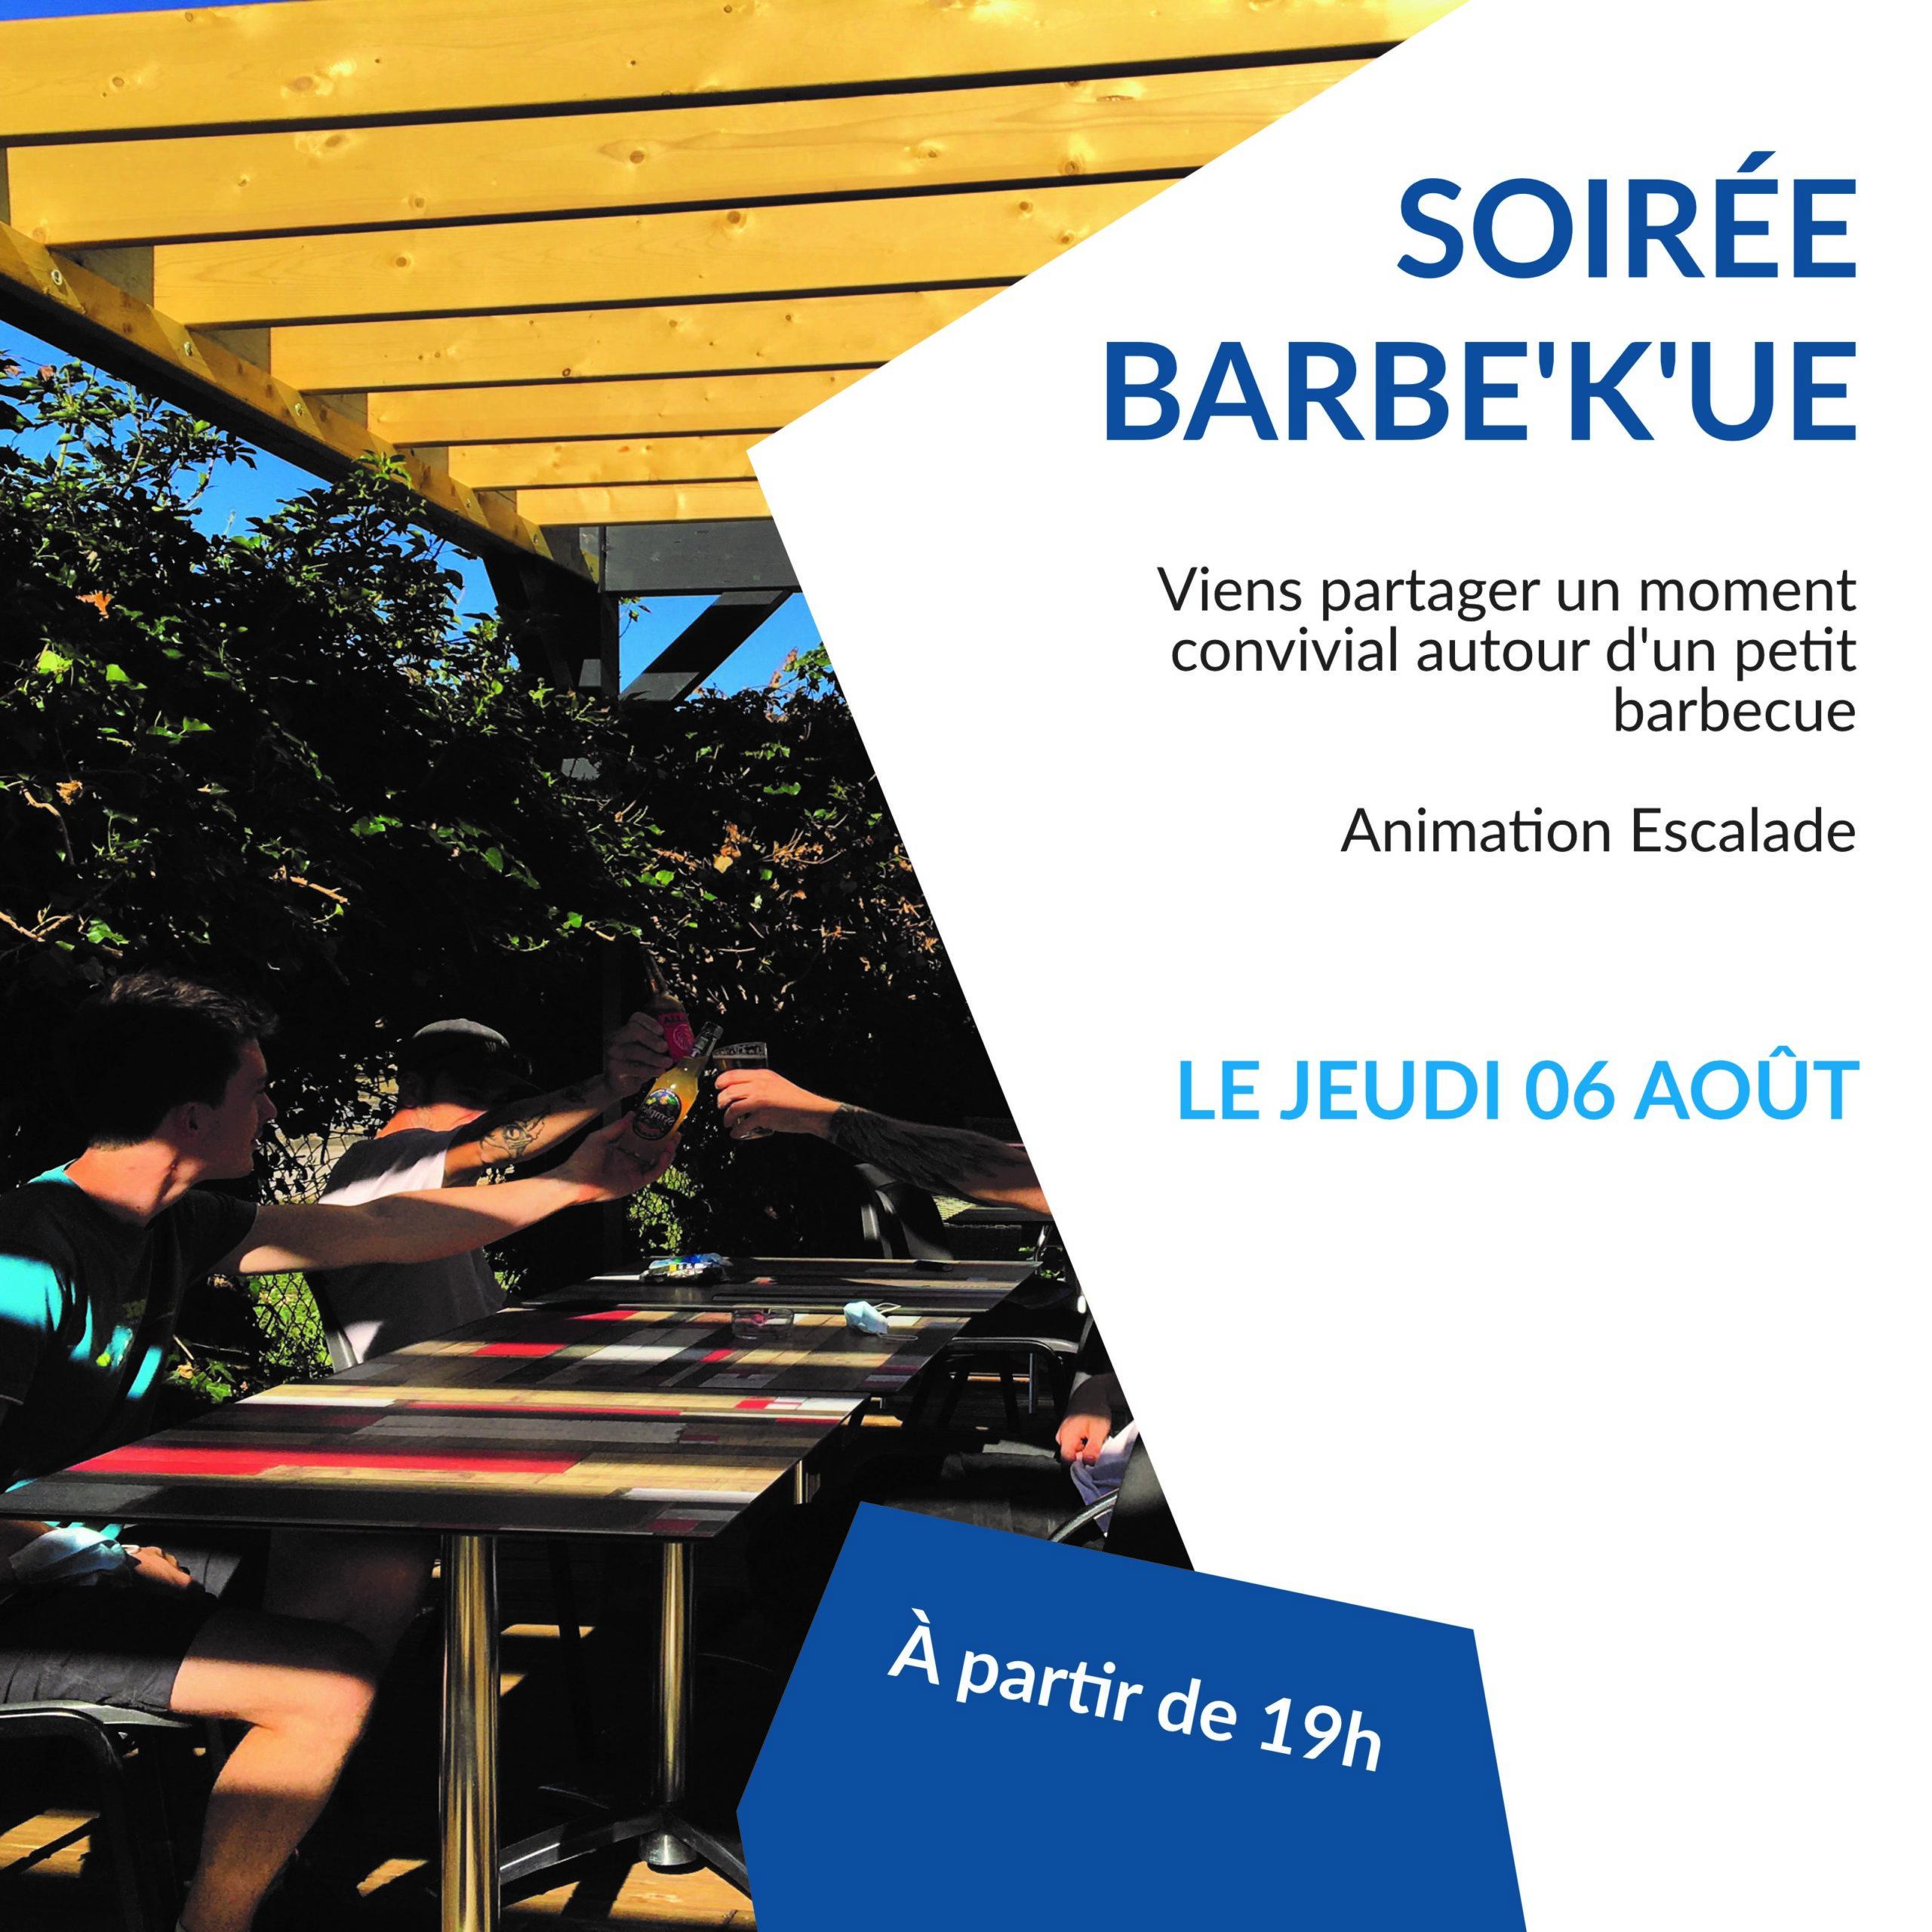 SOIRÉE BARBE'K'UE 2ème édition !